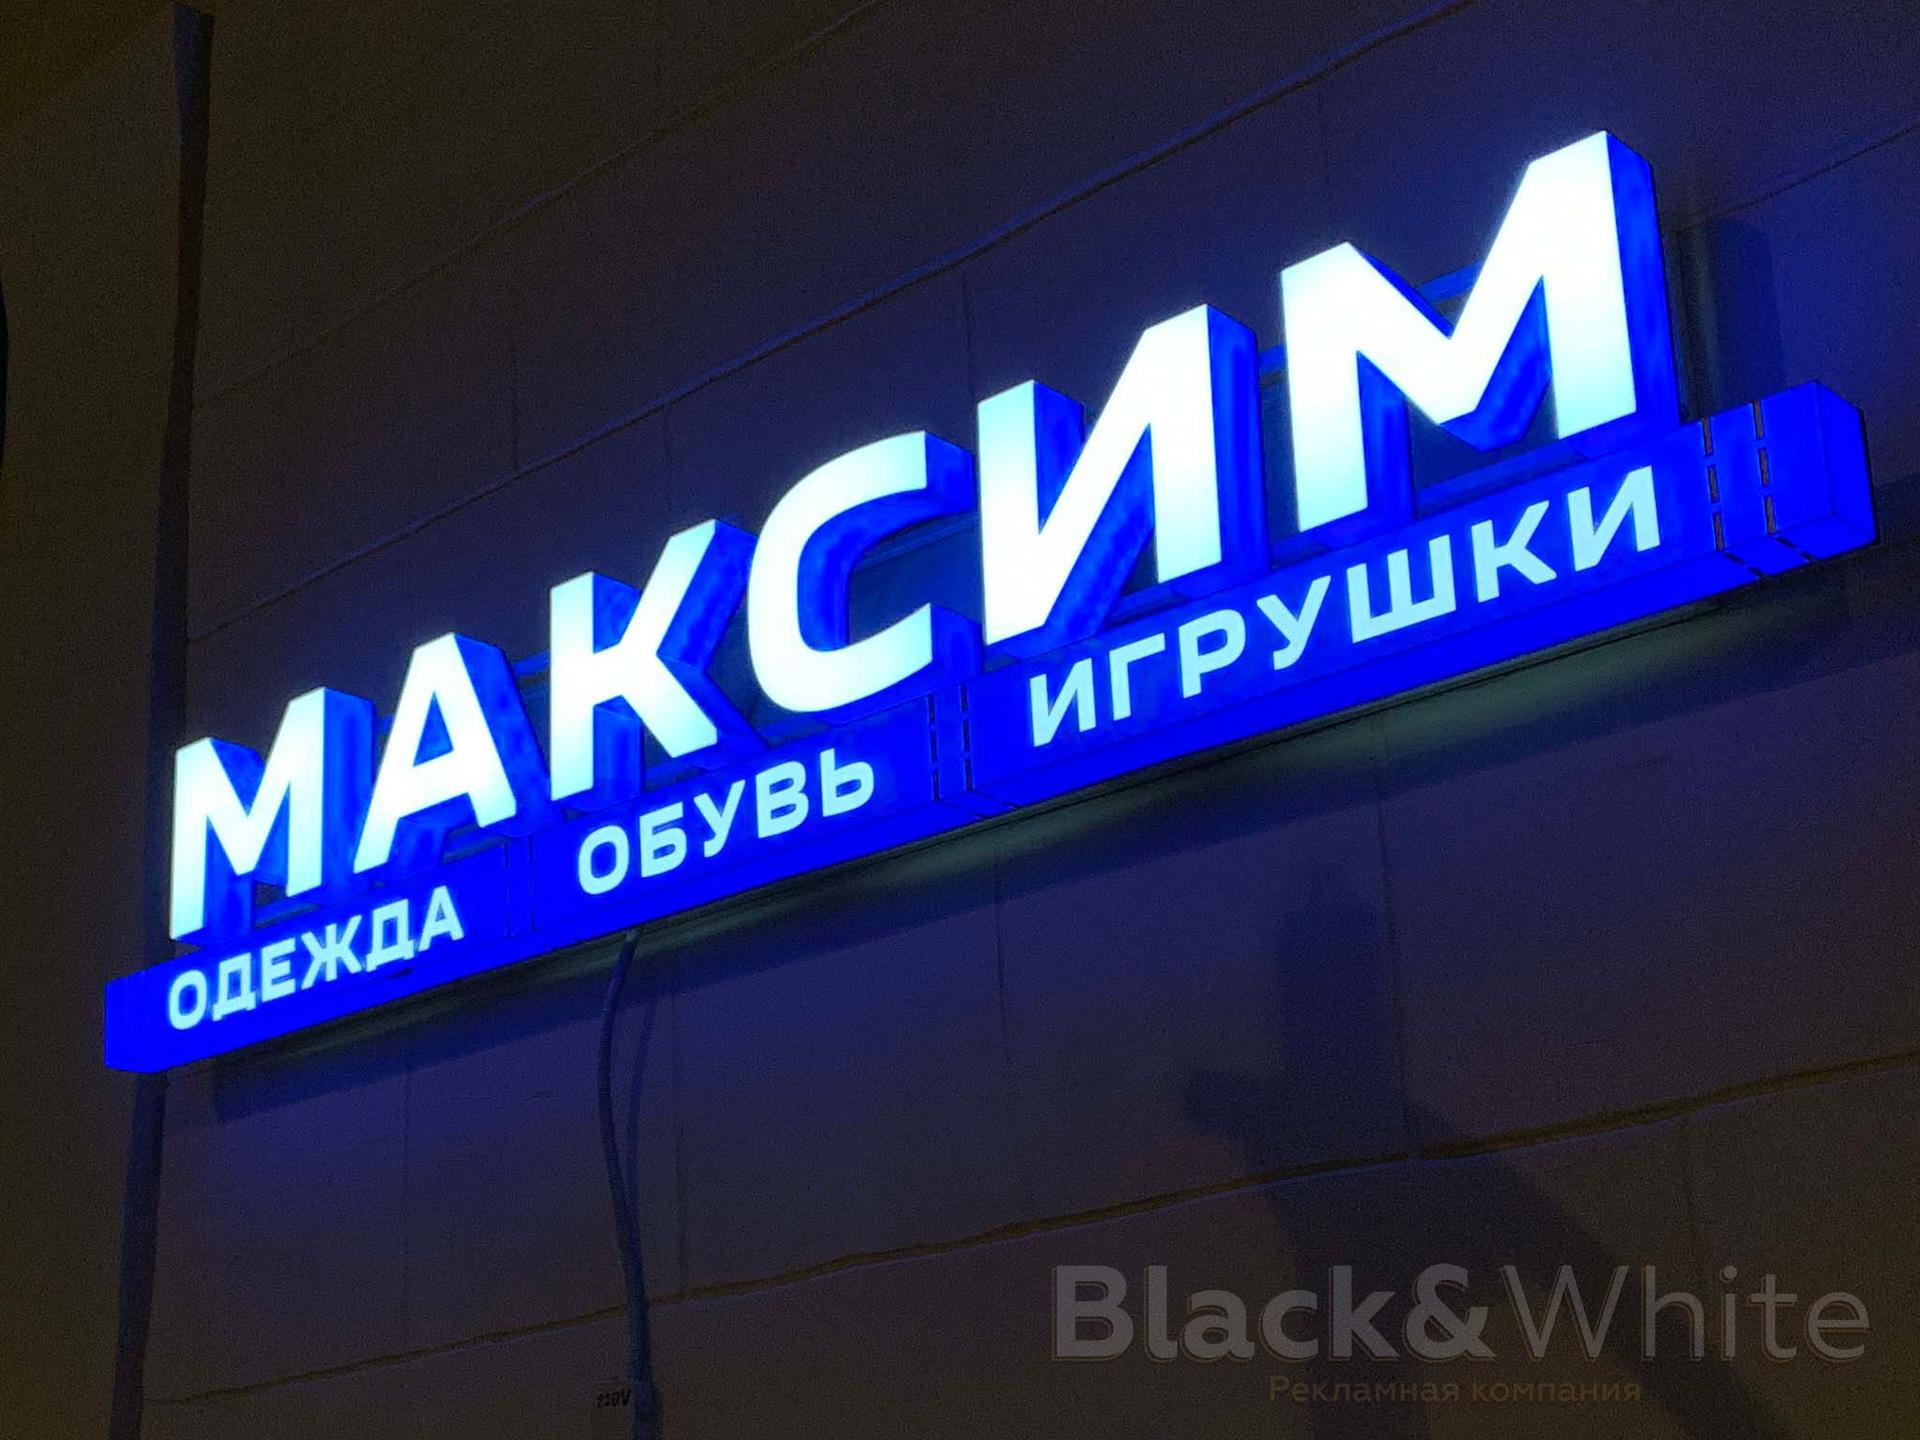 Световая-фасадная-вывеска-с-объёмными-буквами-в-красноярске.jpg